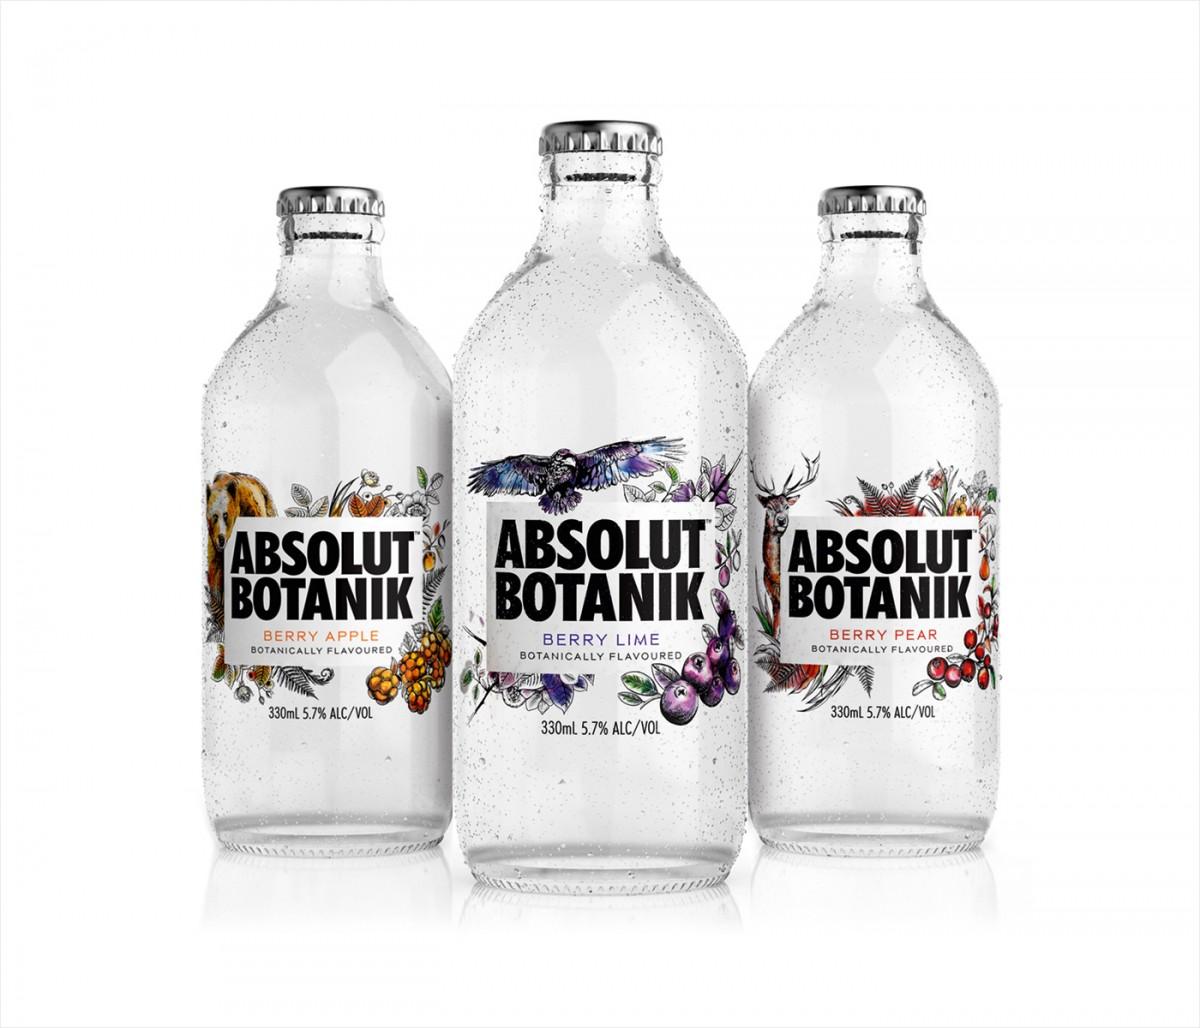 定制化预调伏特加高端包装设计,酒瓶贴设计